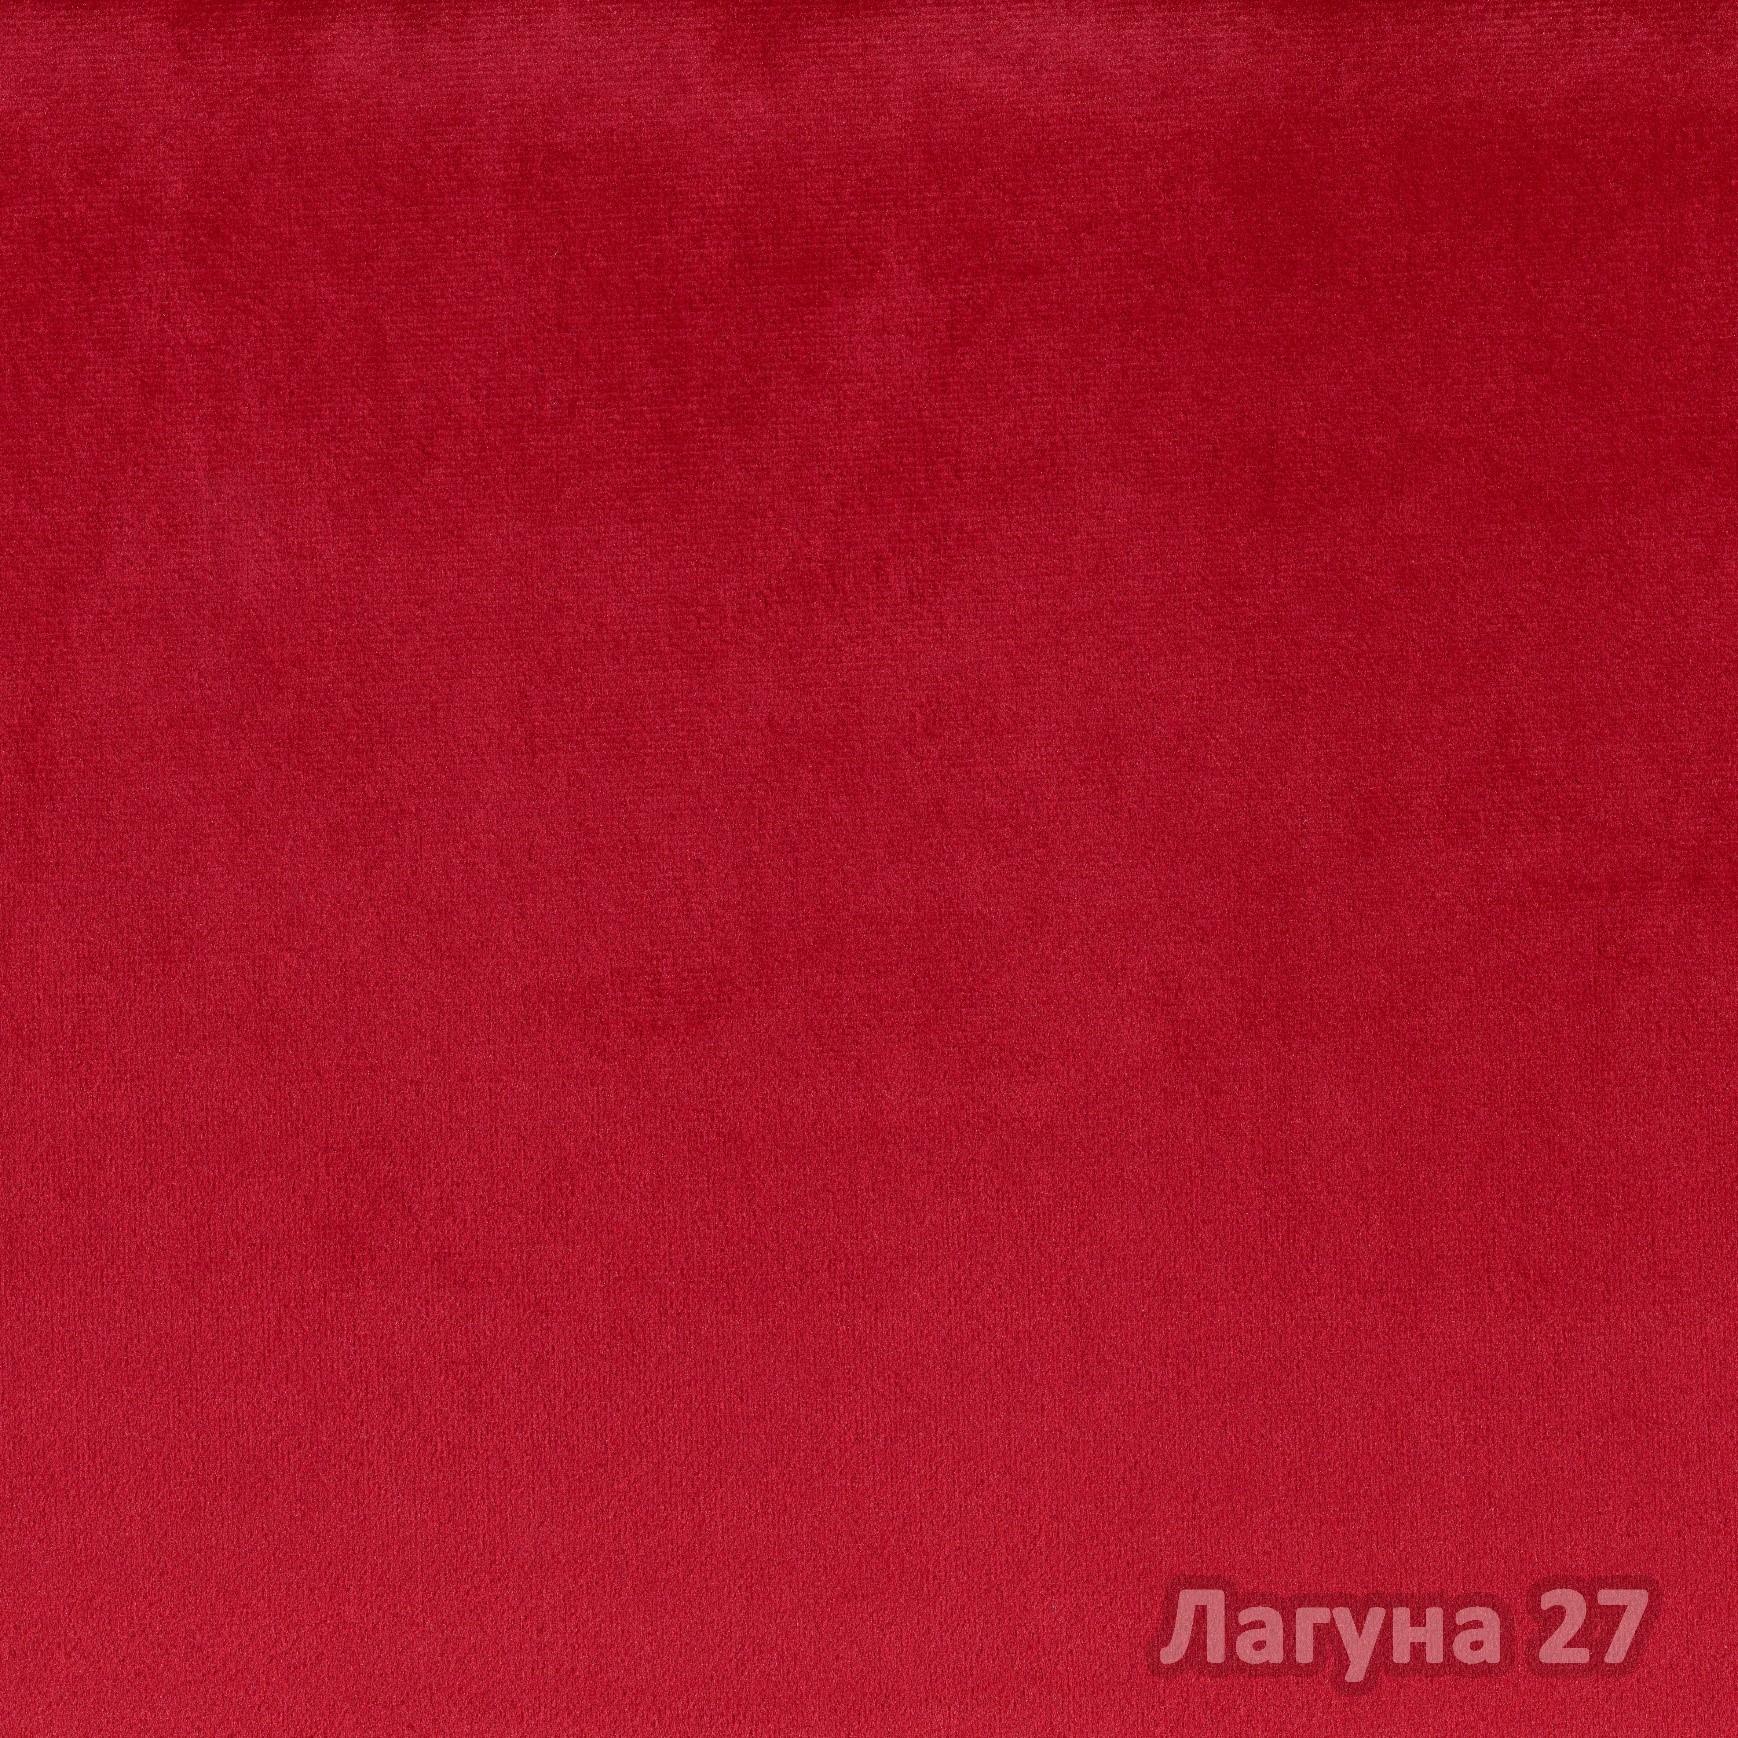 Коллекция ткани Лагуна 27,  купить ткань Велюр для мебели Украина